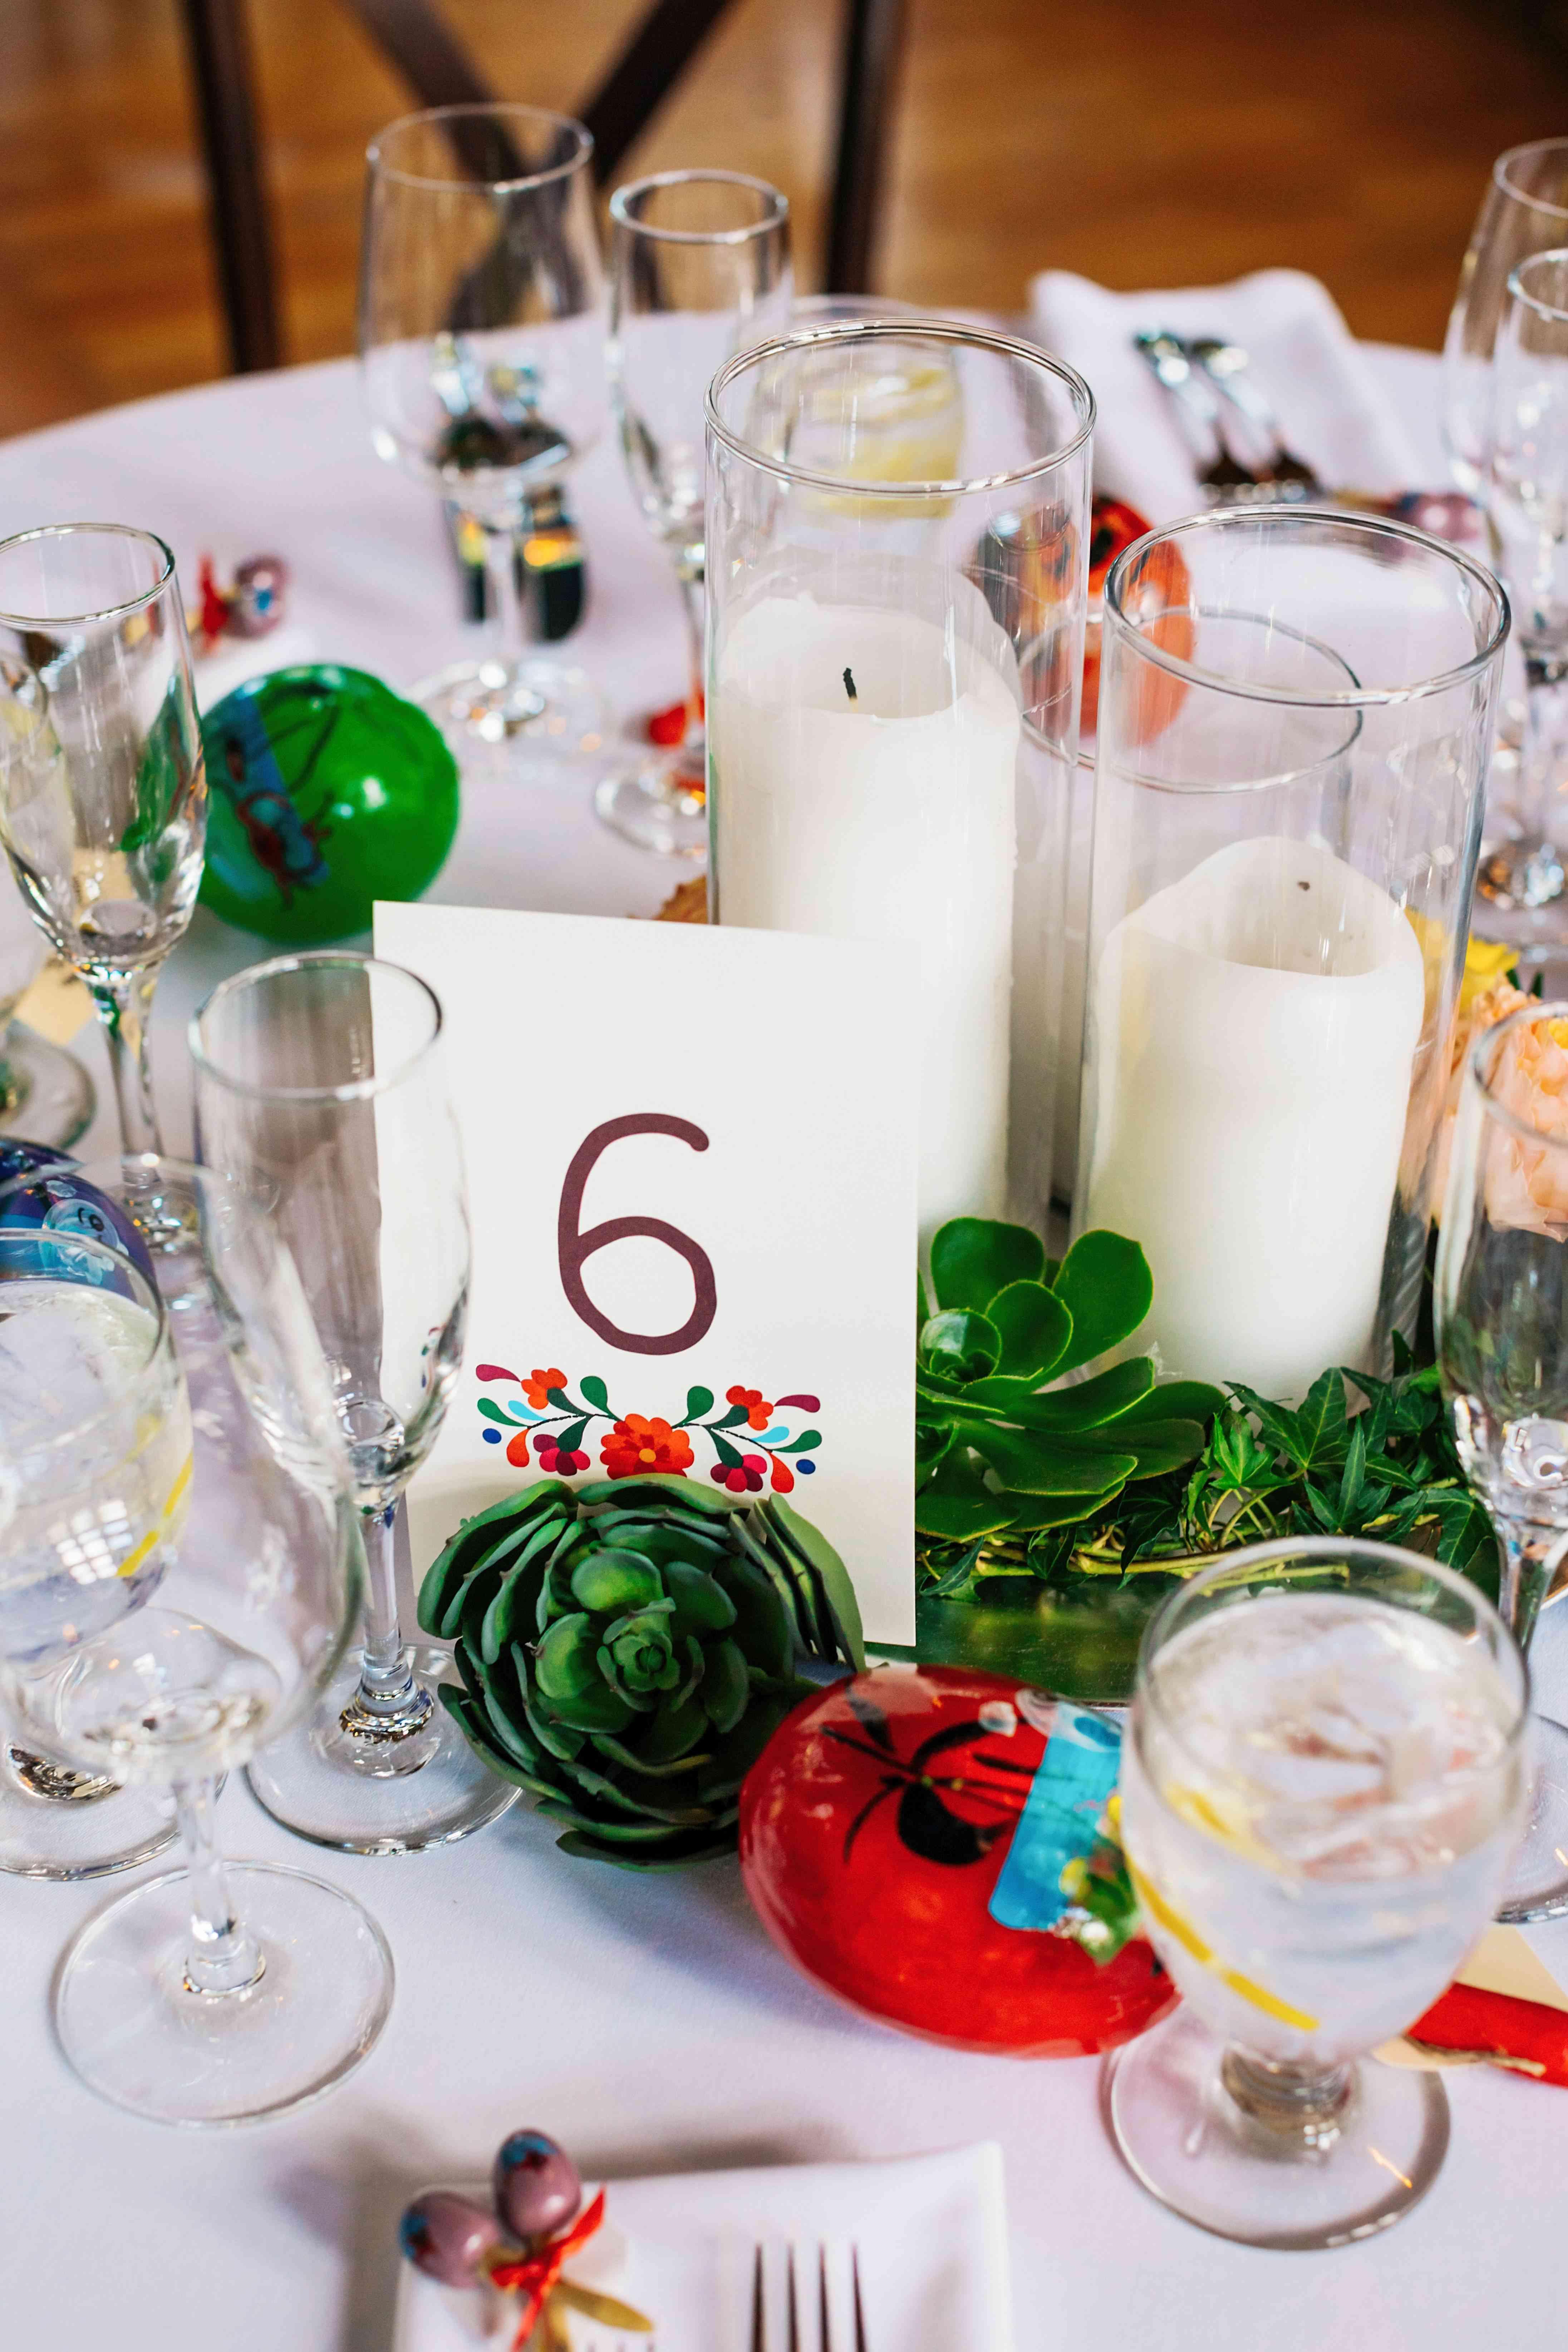 Table Setting with Maracas